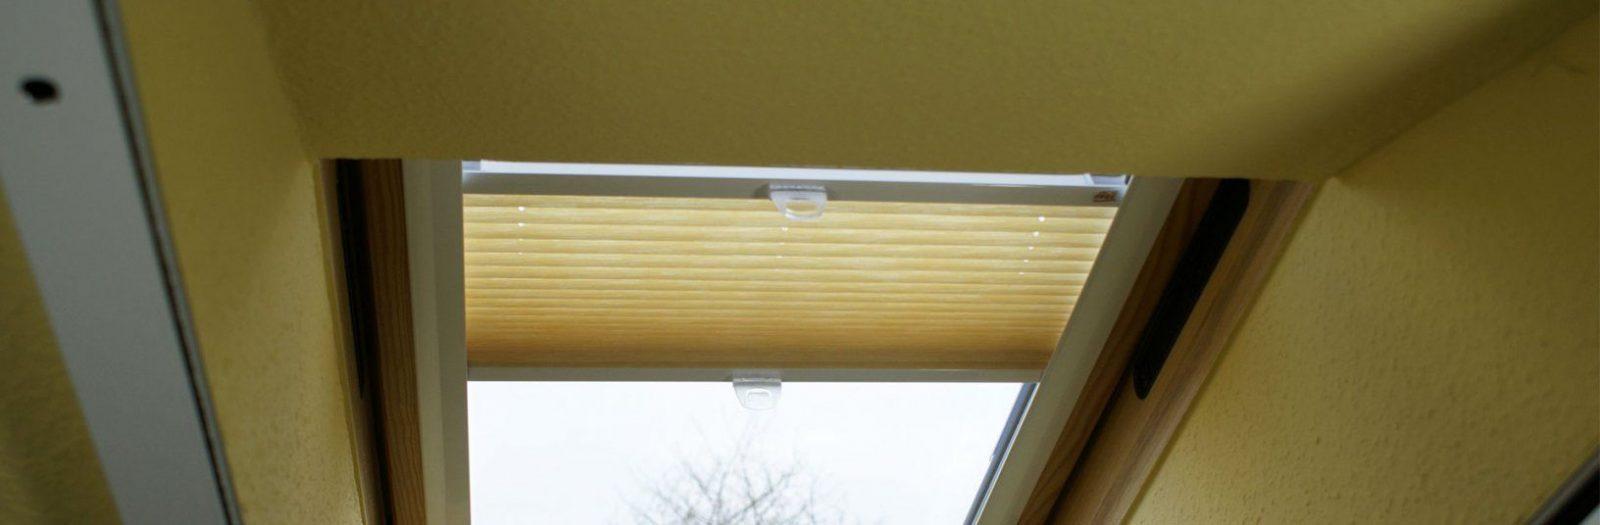 Plissee fr dachfenster ohne bohren dachfenster plissee haftfix ohne bohren with plissee fr - Plissee rollo fur dachfenster ...